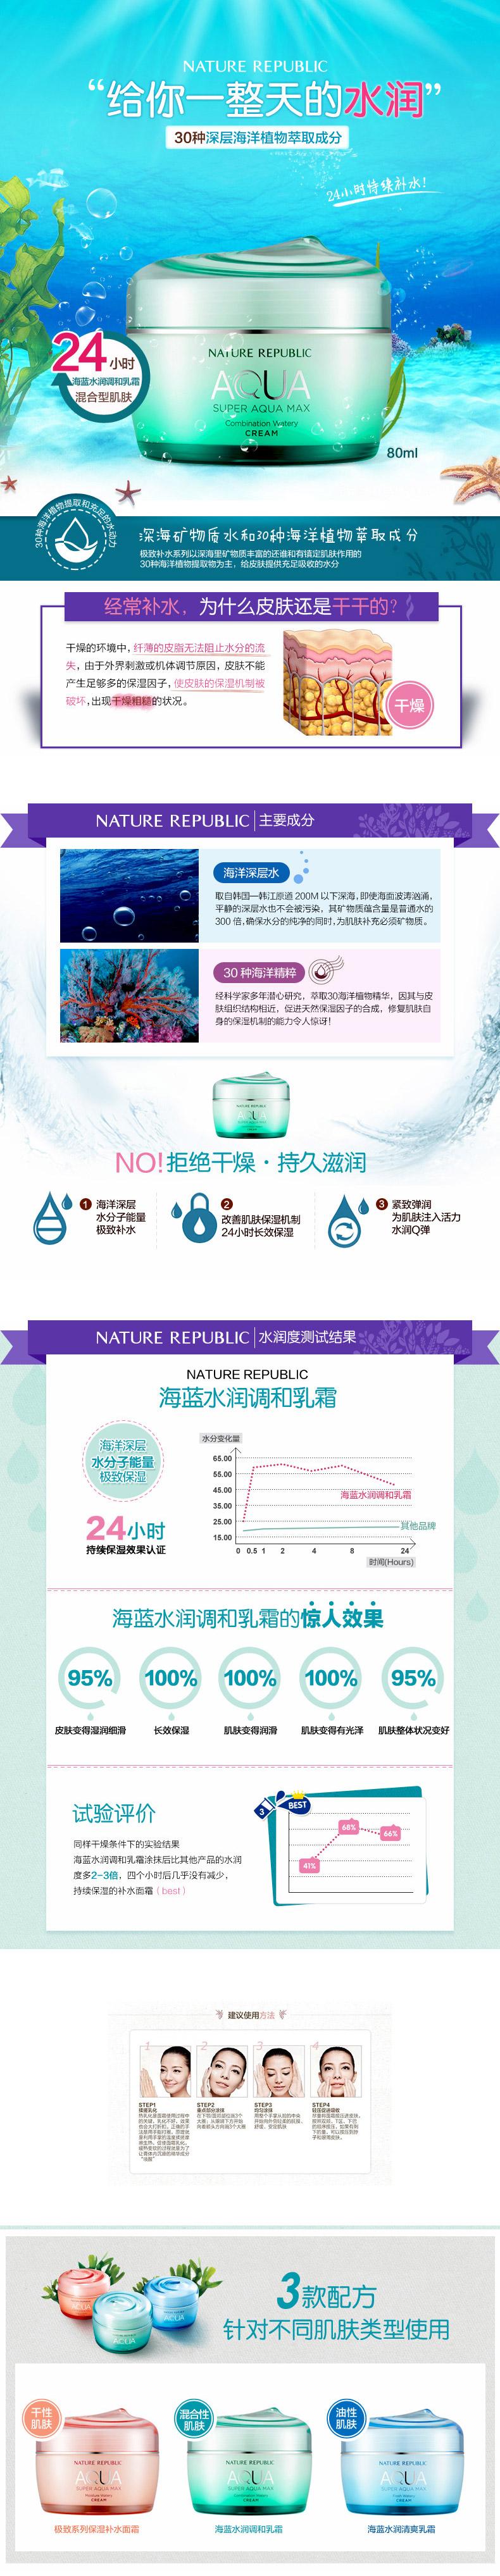 [ NATURE REPUBLIC ] Super Aqua Max组合稀薄的乳80 ml混合性皮肤类型。